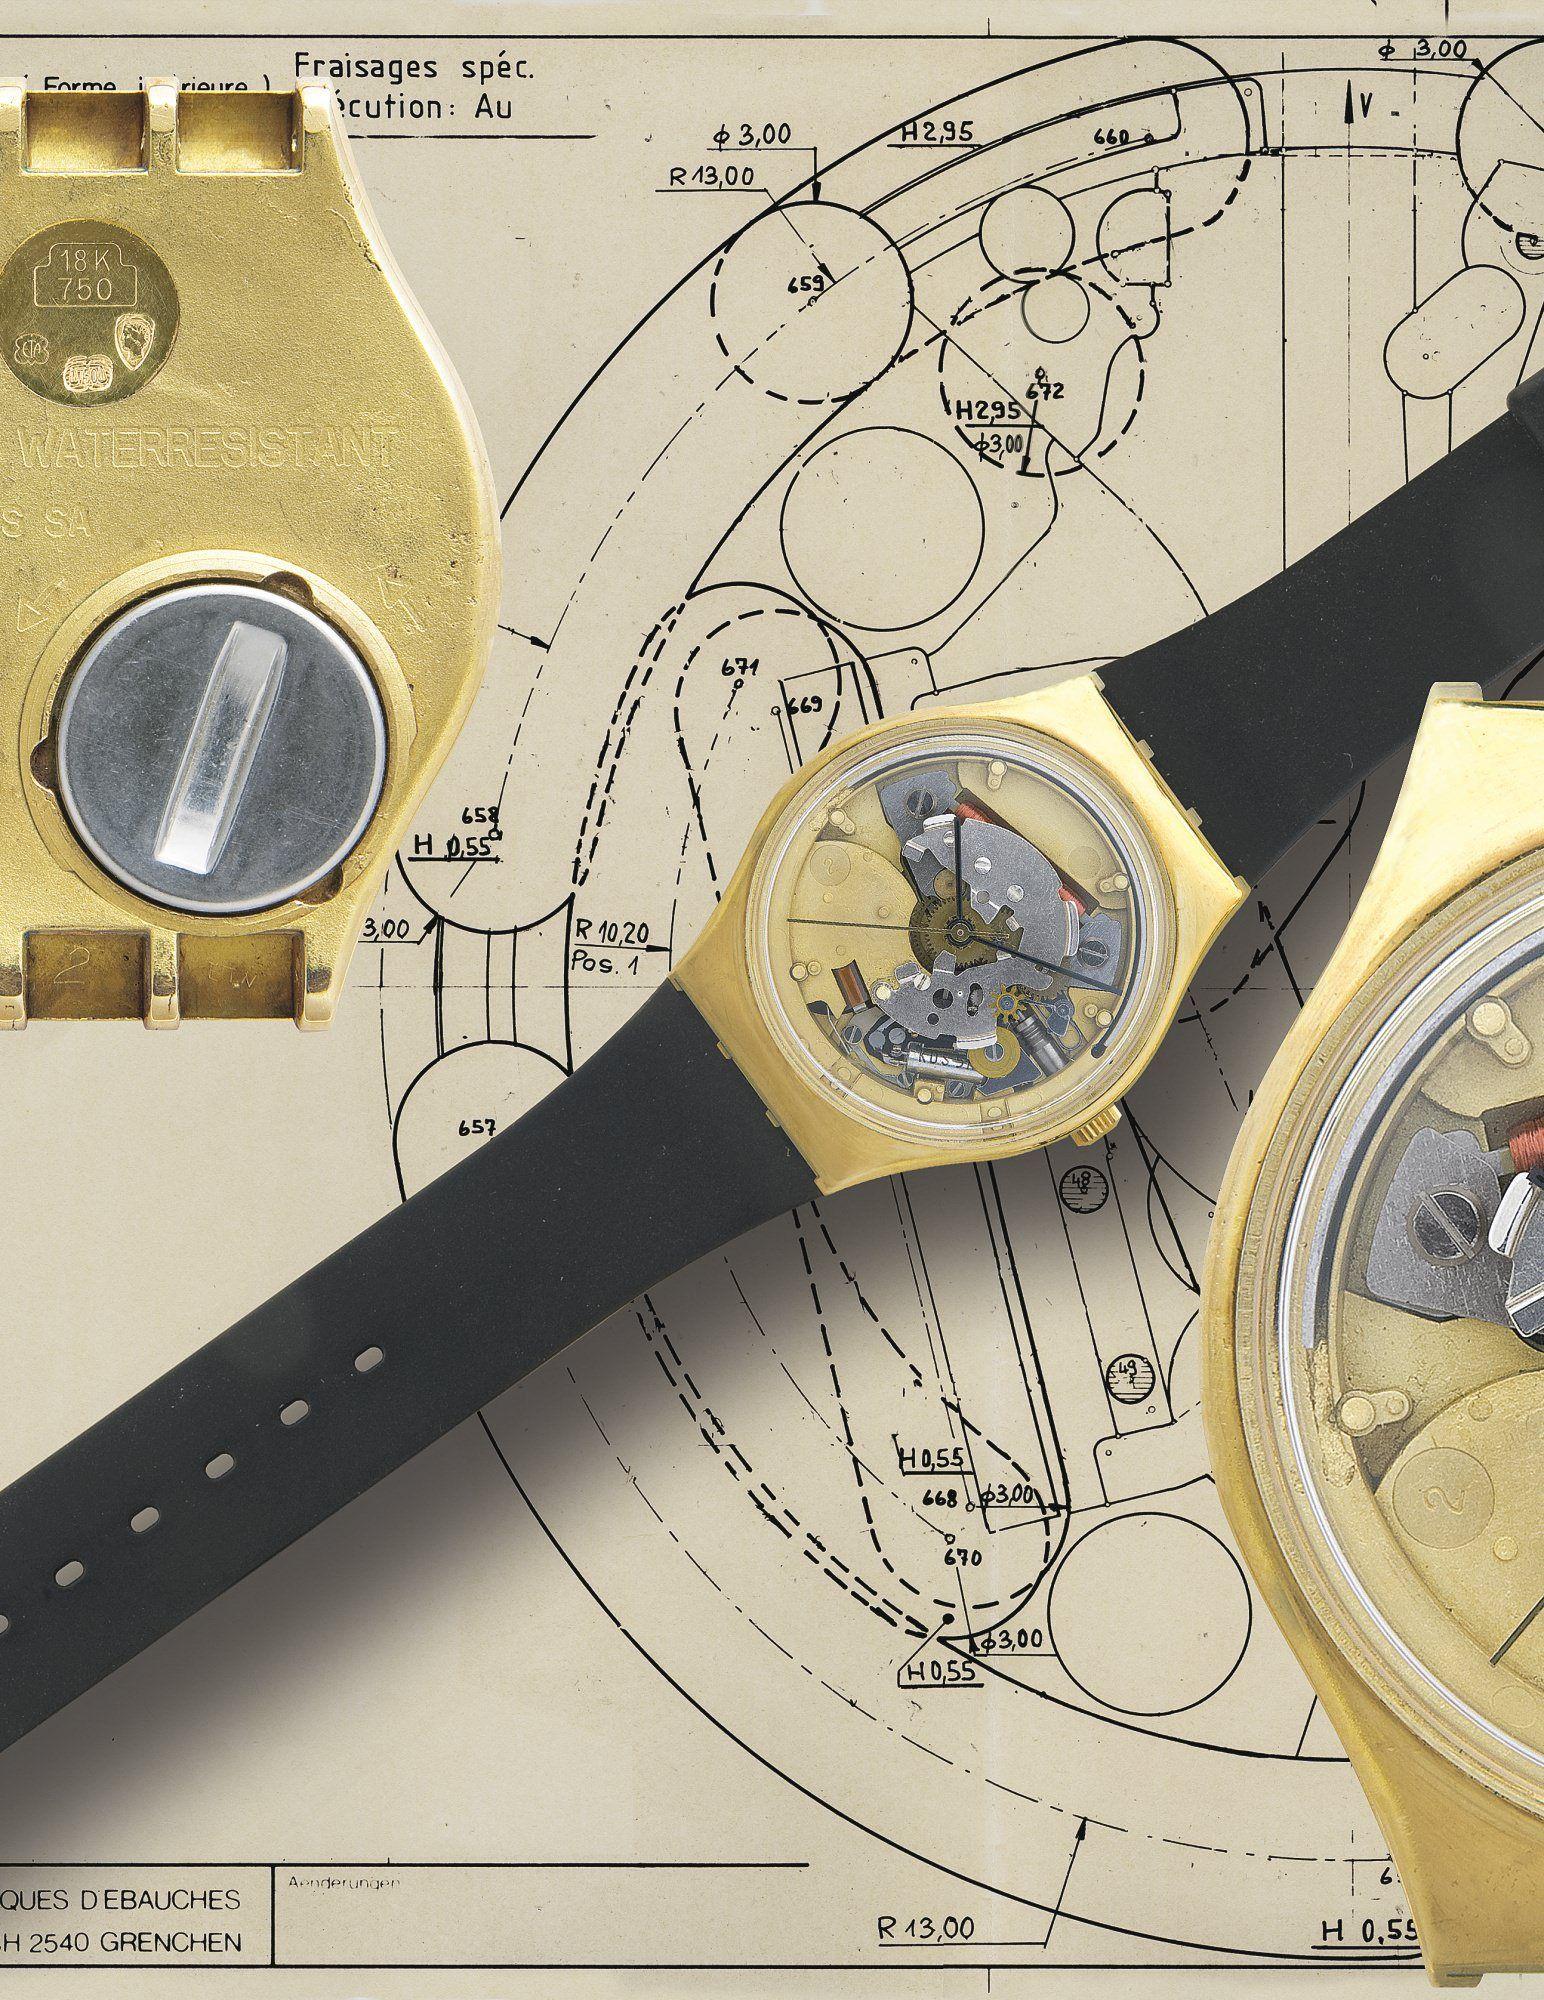 Se vende una exclusiva colección de relojes Swatch por 1,3 millones de dólares